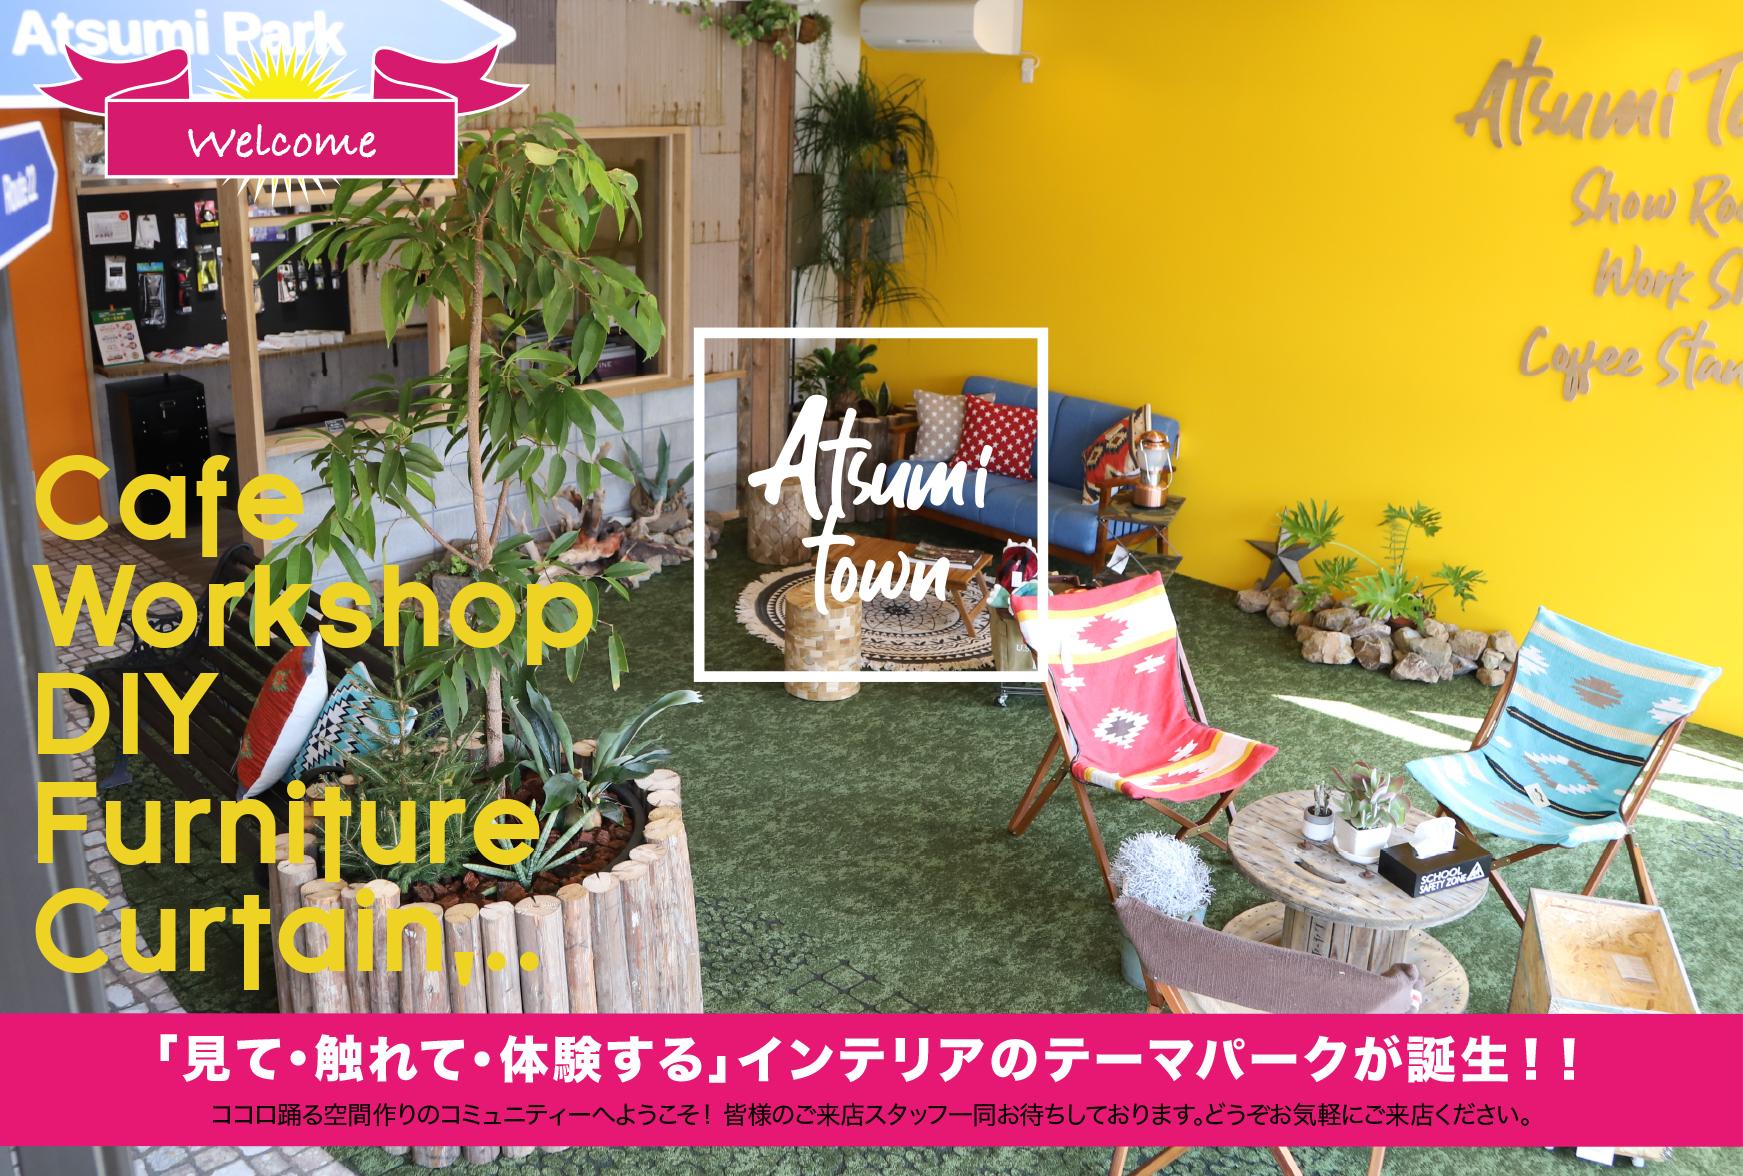 株式会社あつみ工房 / Atsumi town DMポストカード